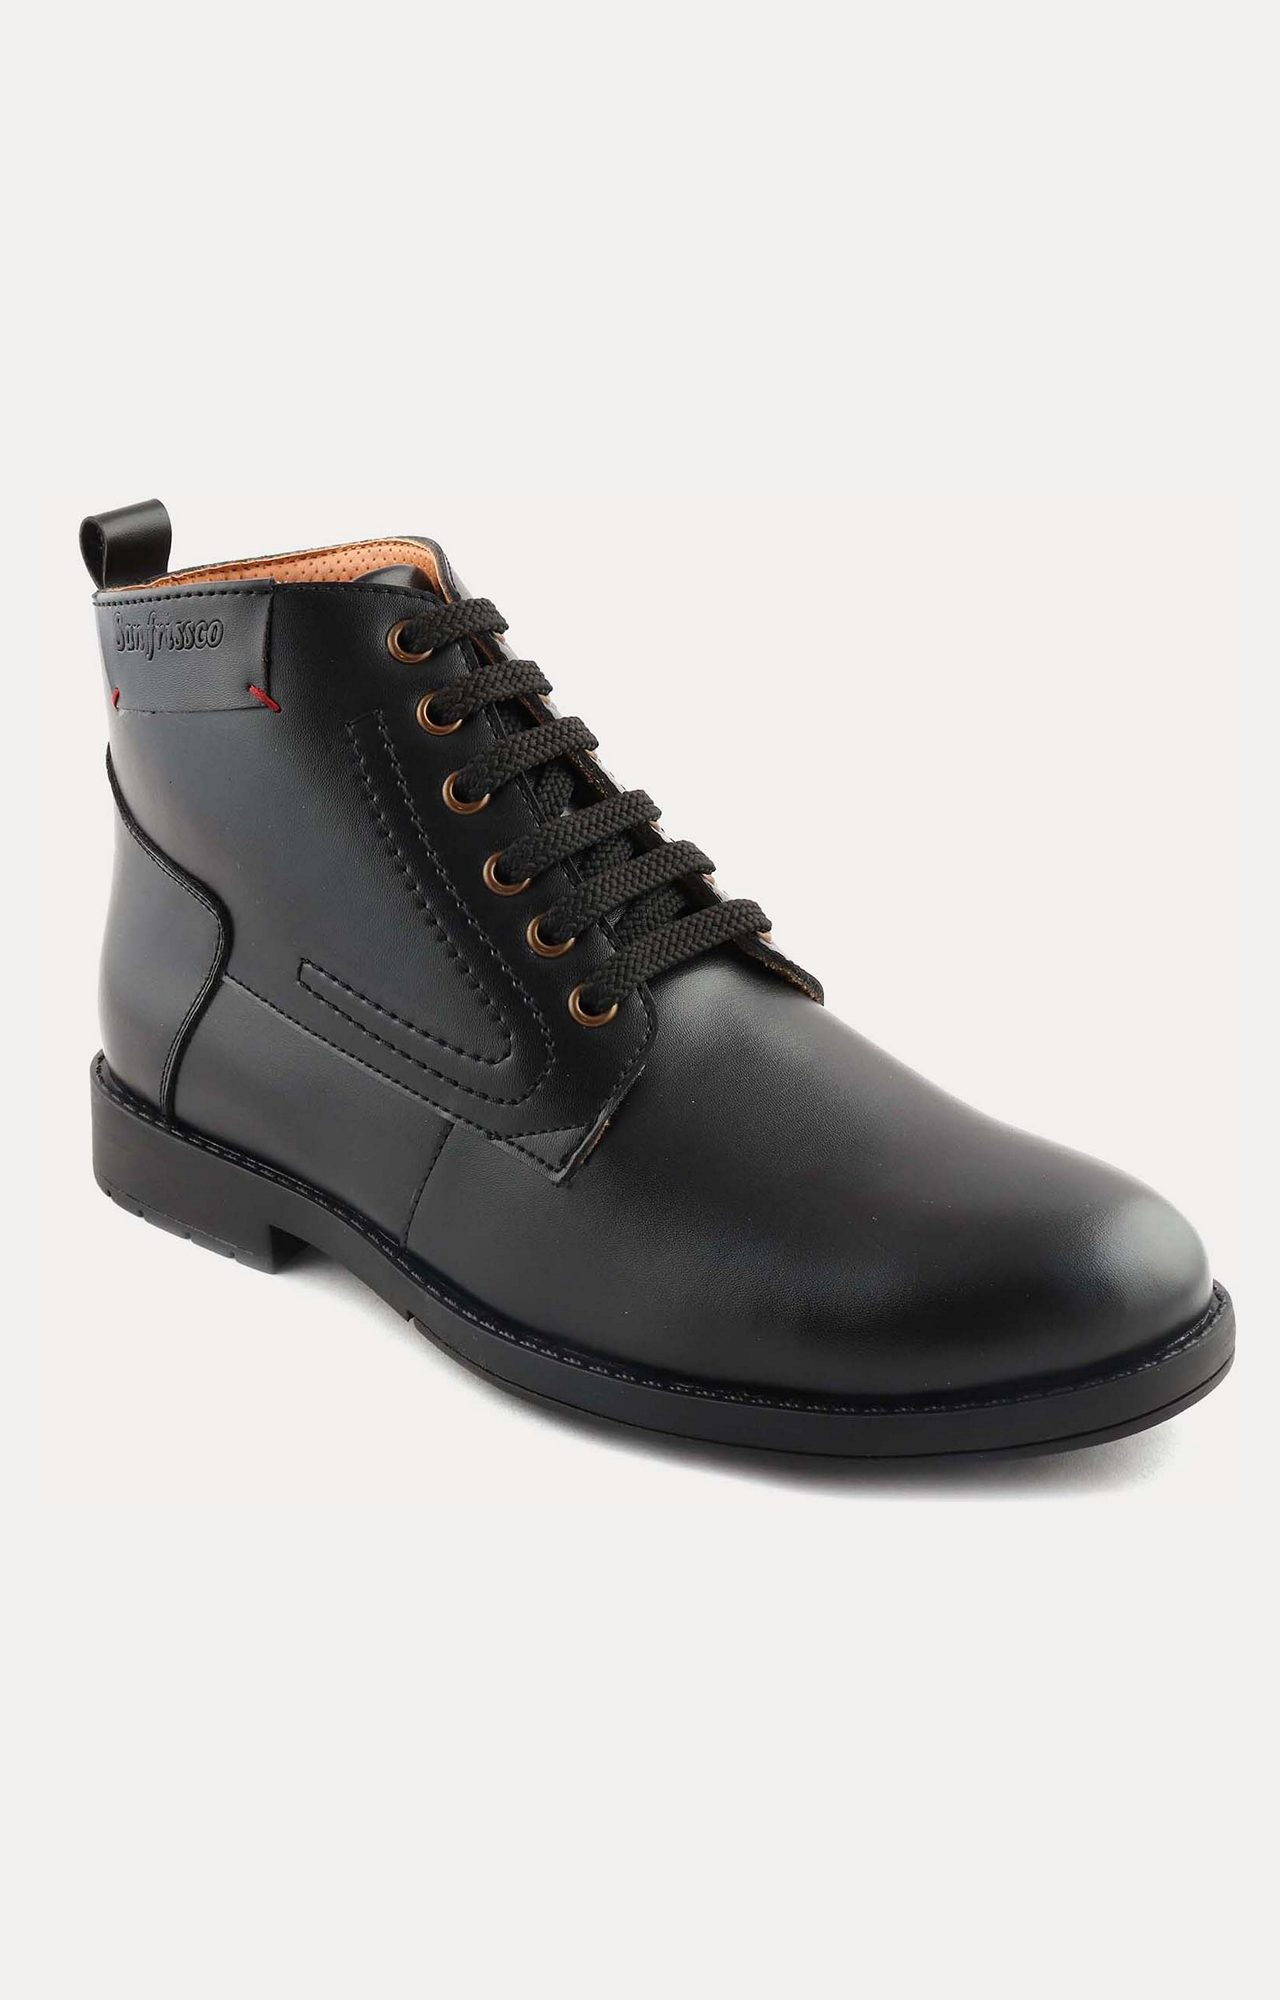 San Frissco | Black Boots